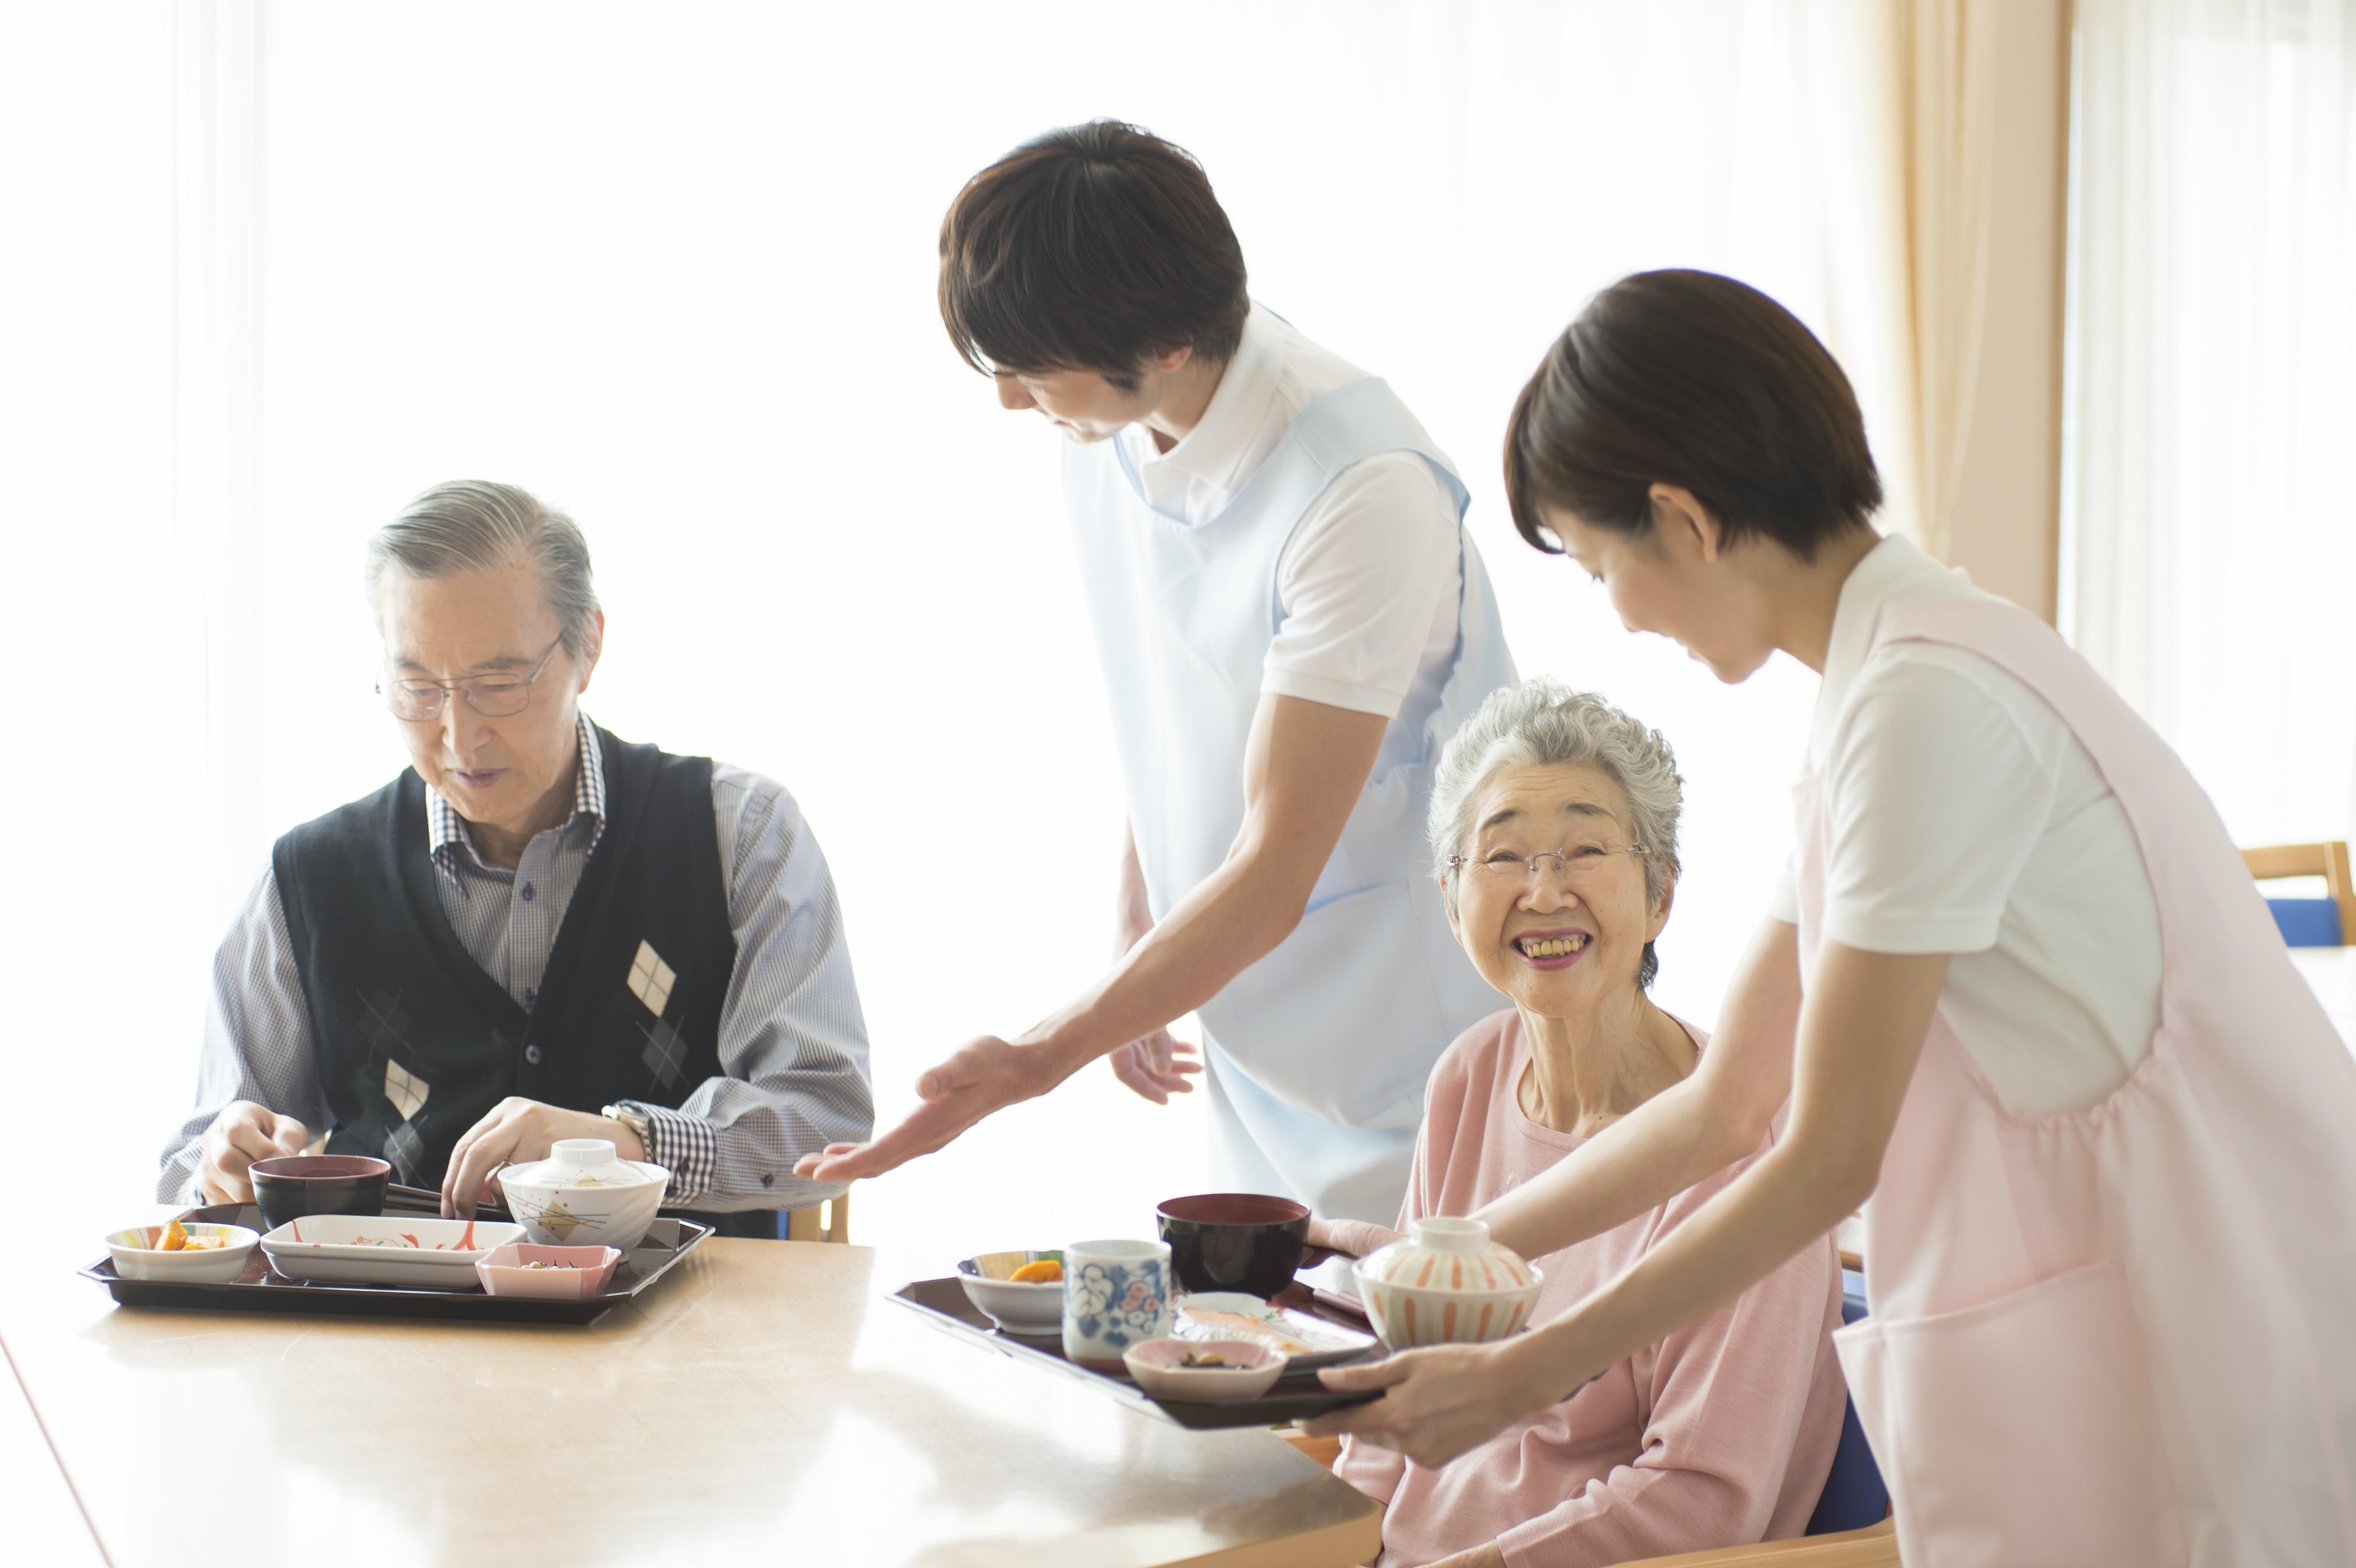 矢板市の有料老人ホームで介護福祉士の求人募集